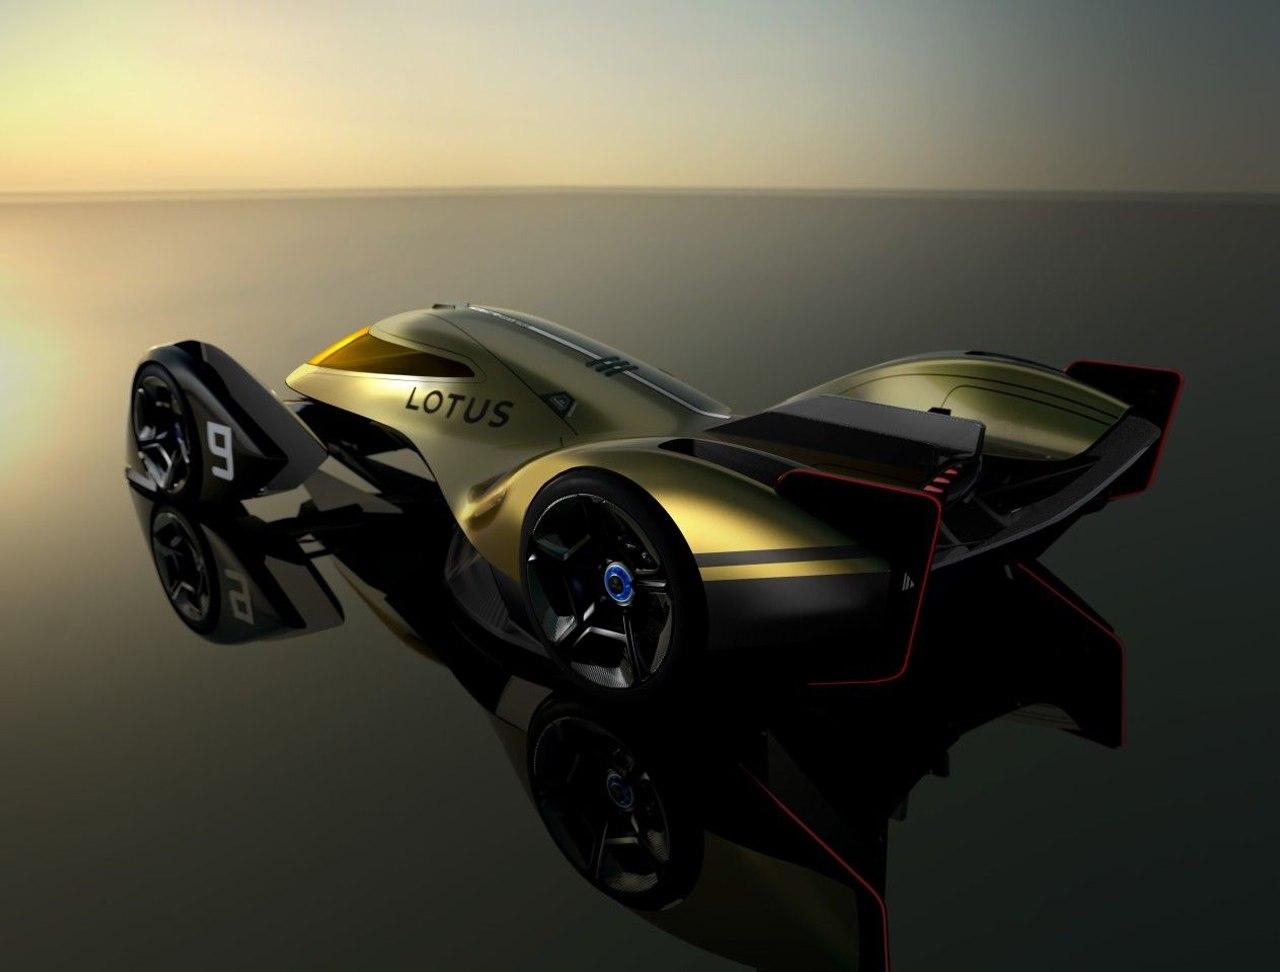 Lotus представил видение аэродинамического автомобиля 2030 Le Mans Vision с кабиной истребителя и полным электроприводом